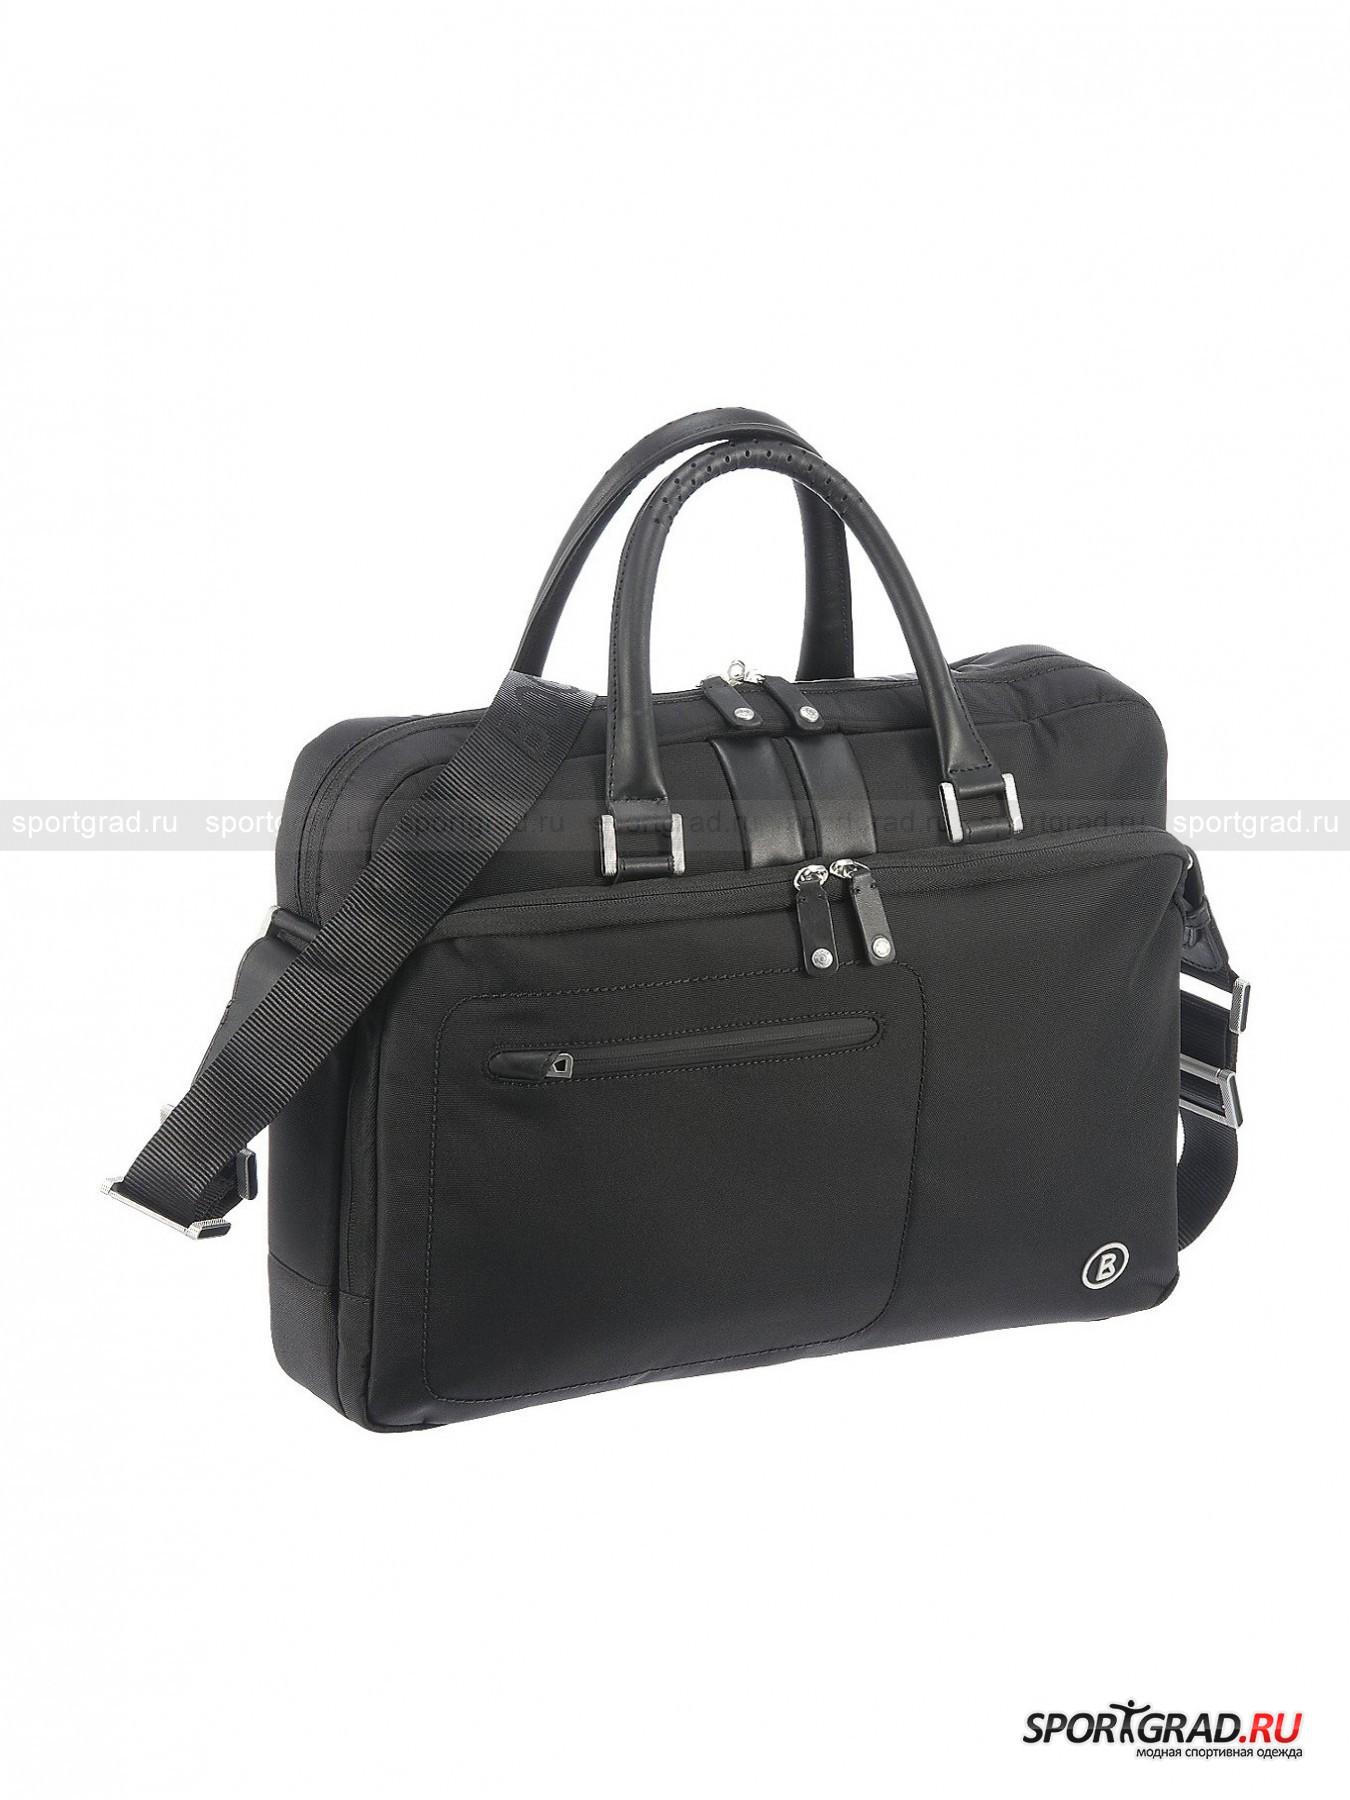 ����� BLM FX Laptop Bag BOGNER